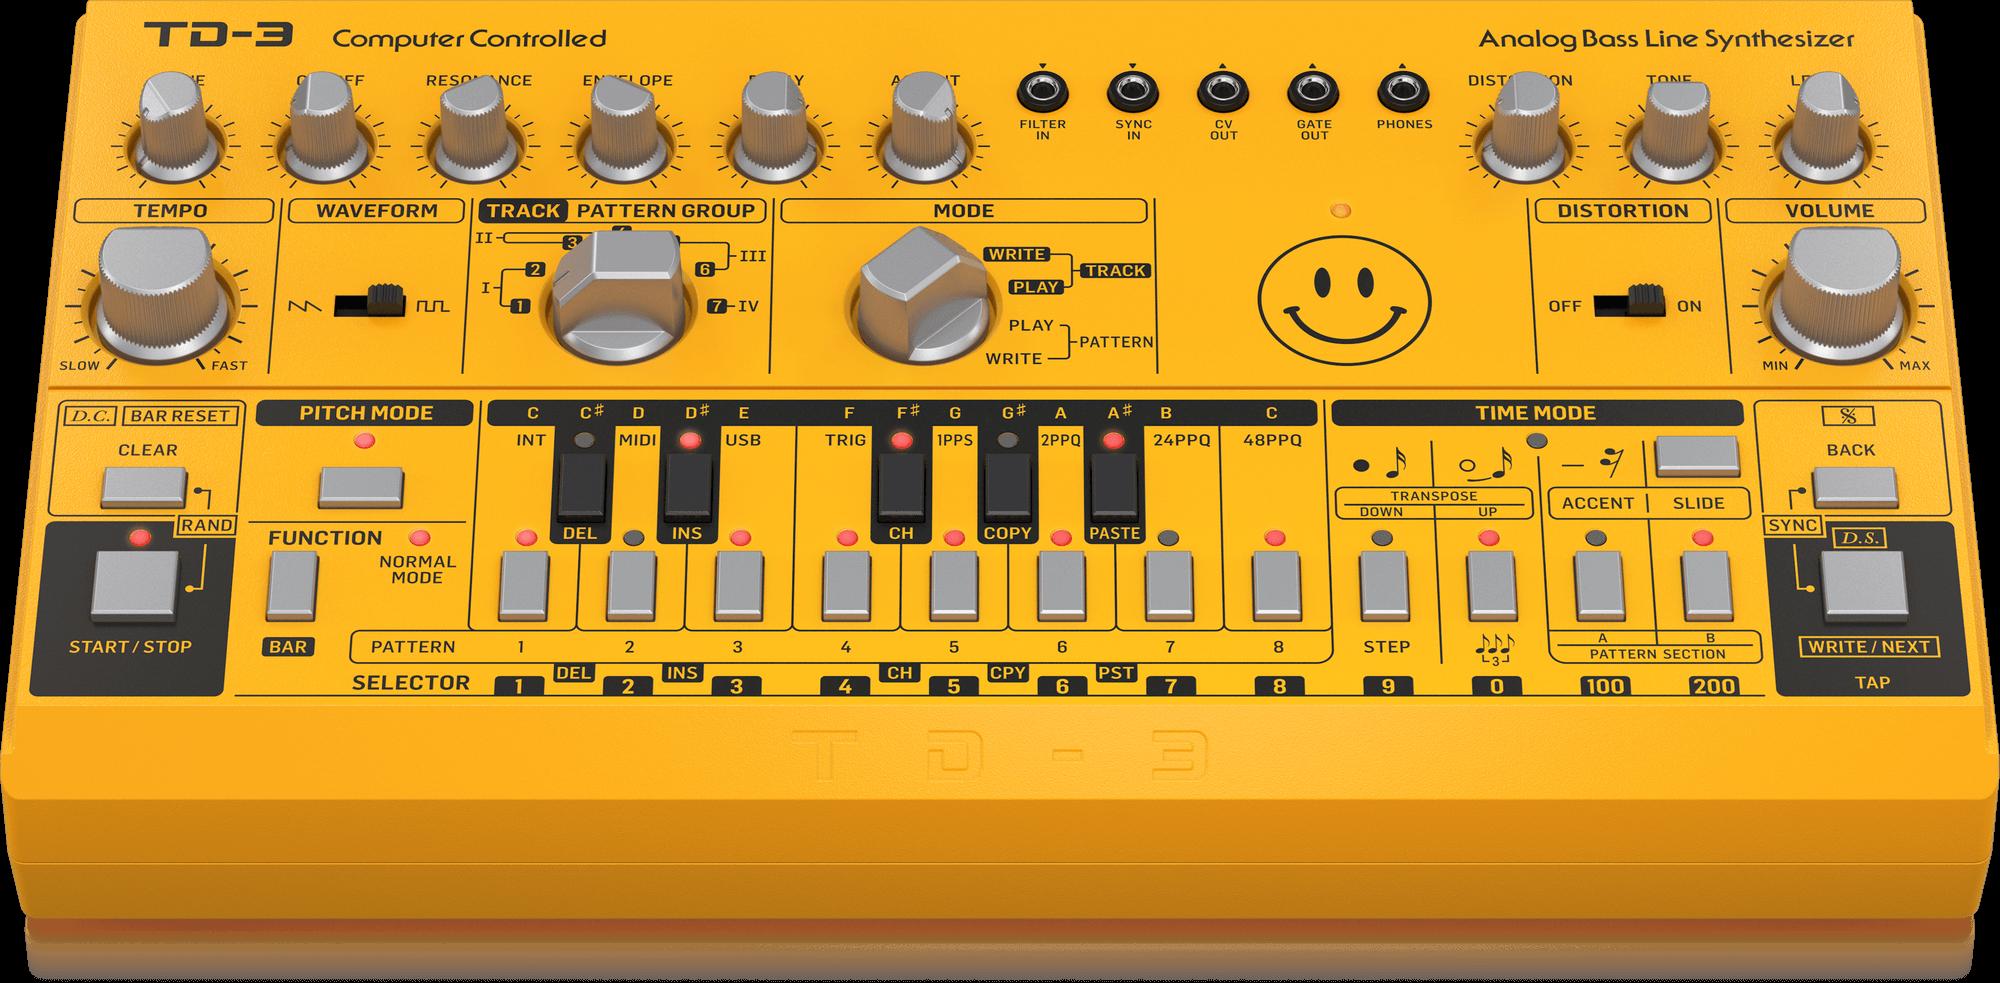 BEHRINGER TD-3-AM YE syntezator linii basu analog